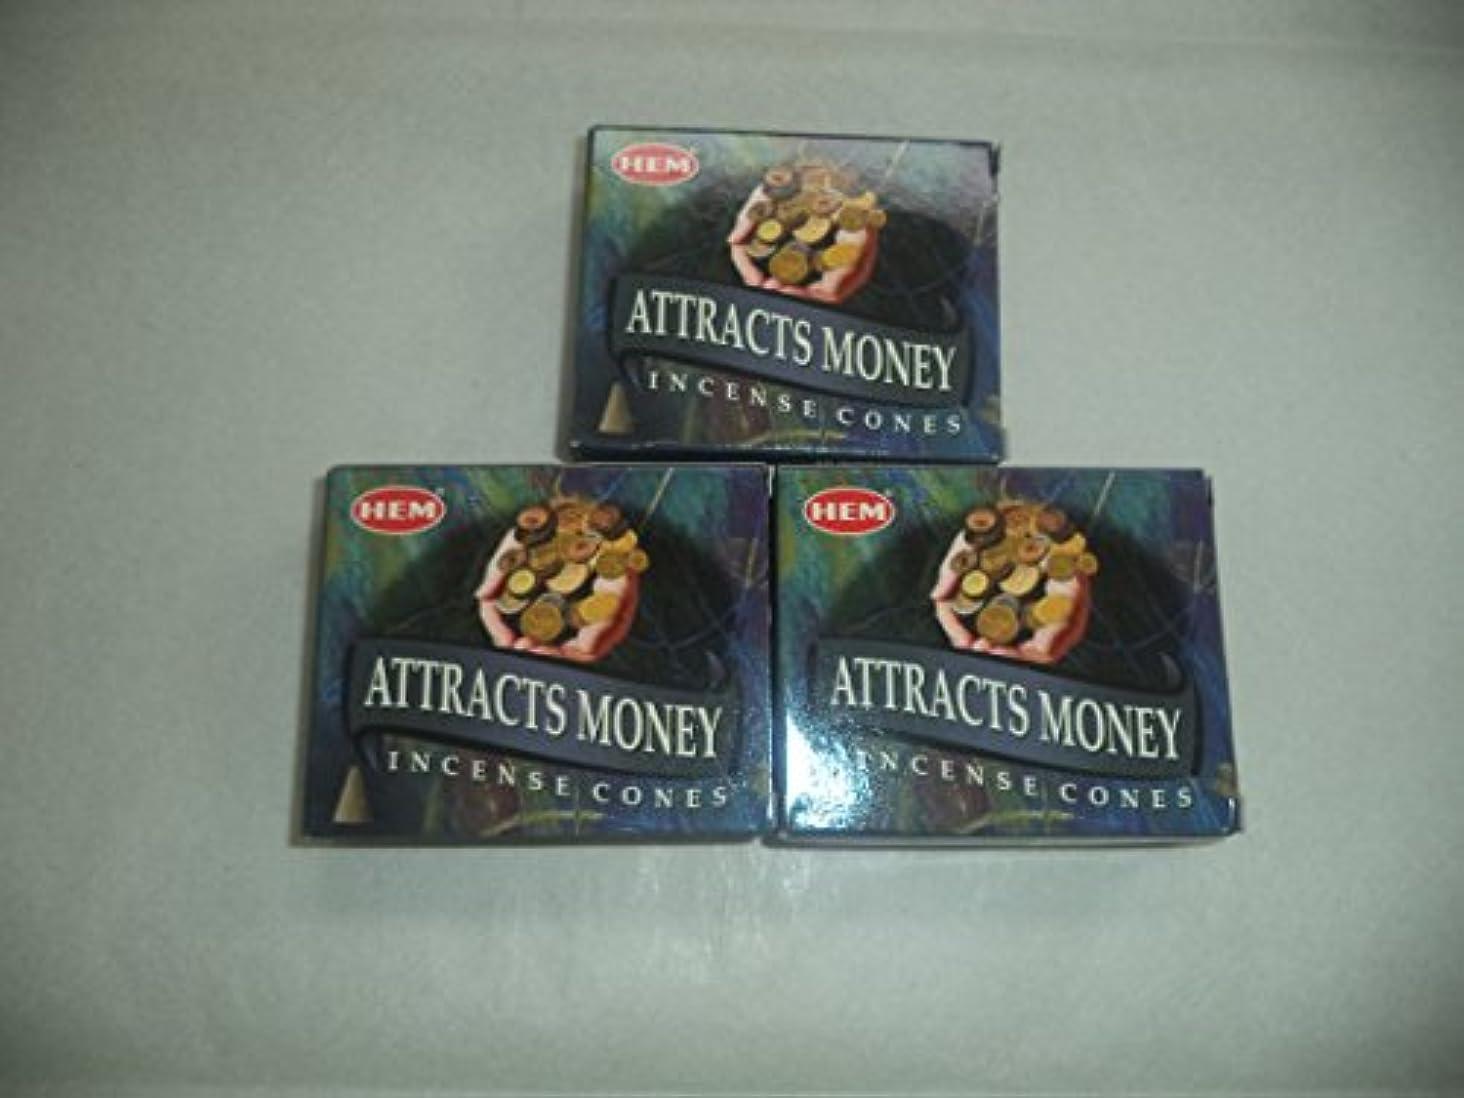 いつも王室ありがたいHem Attracts Money Incense Cones、3パックの10 Cones = 30 Cones